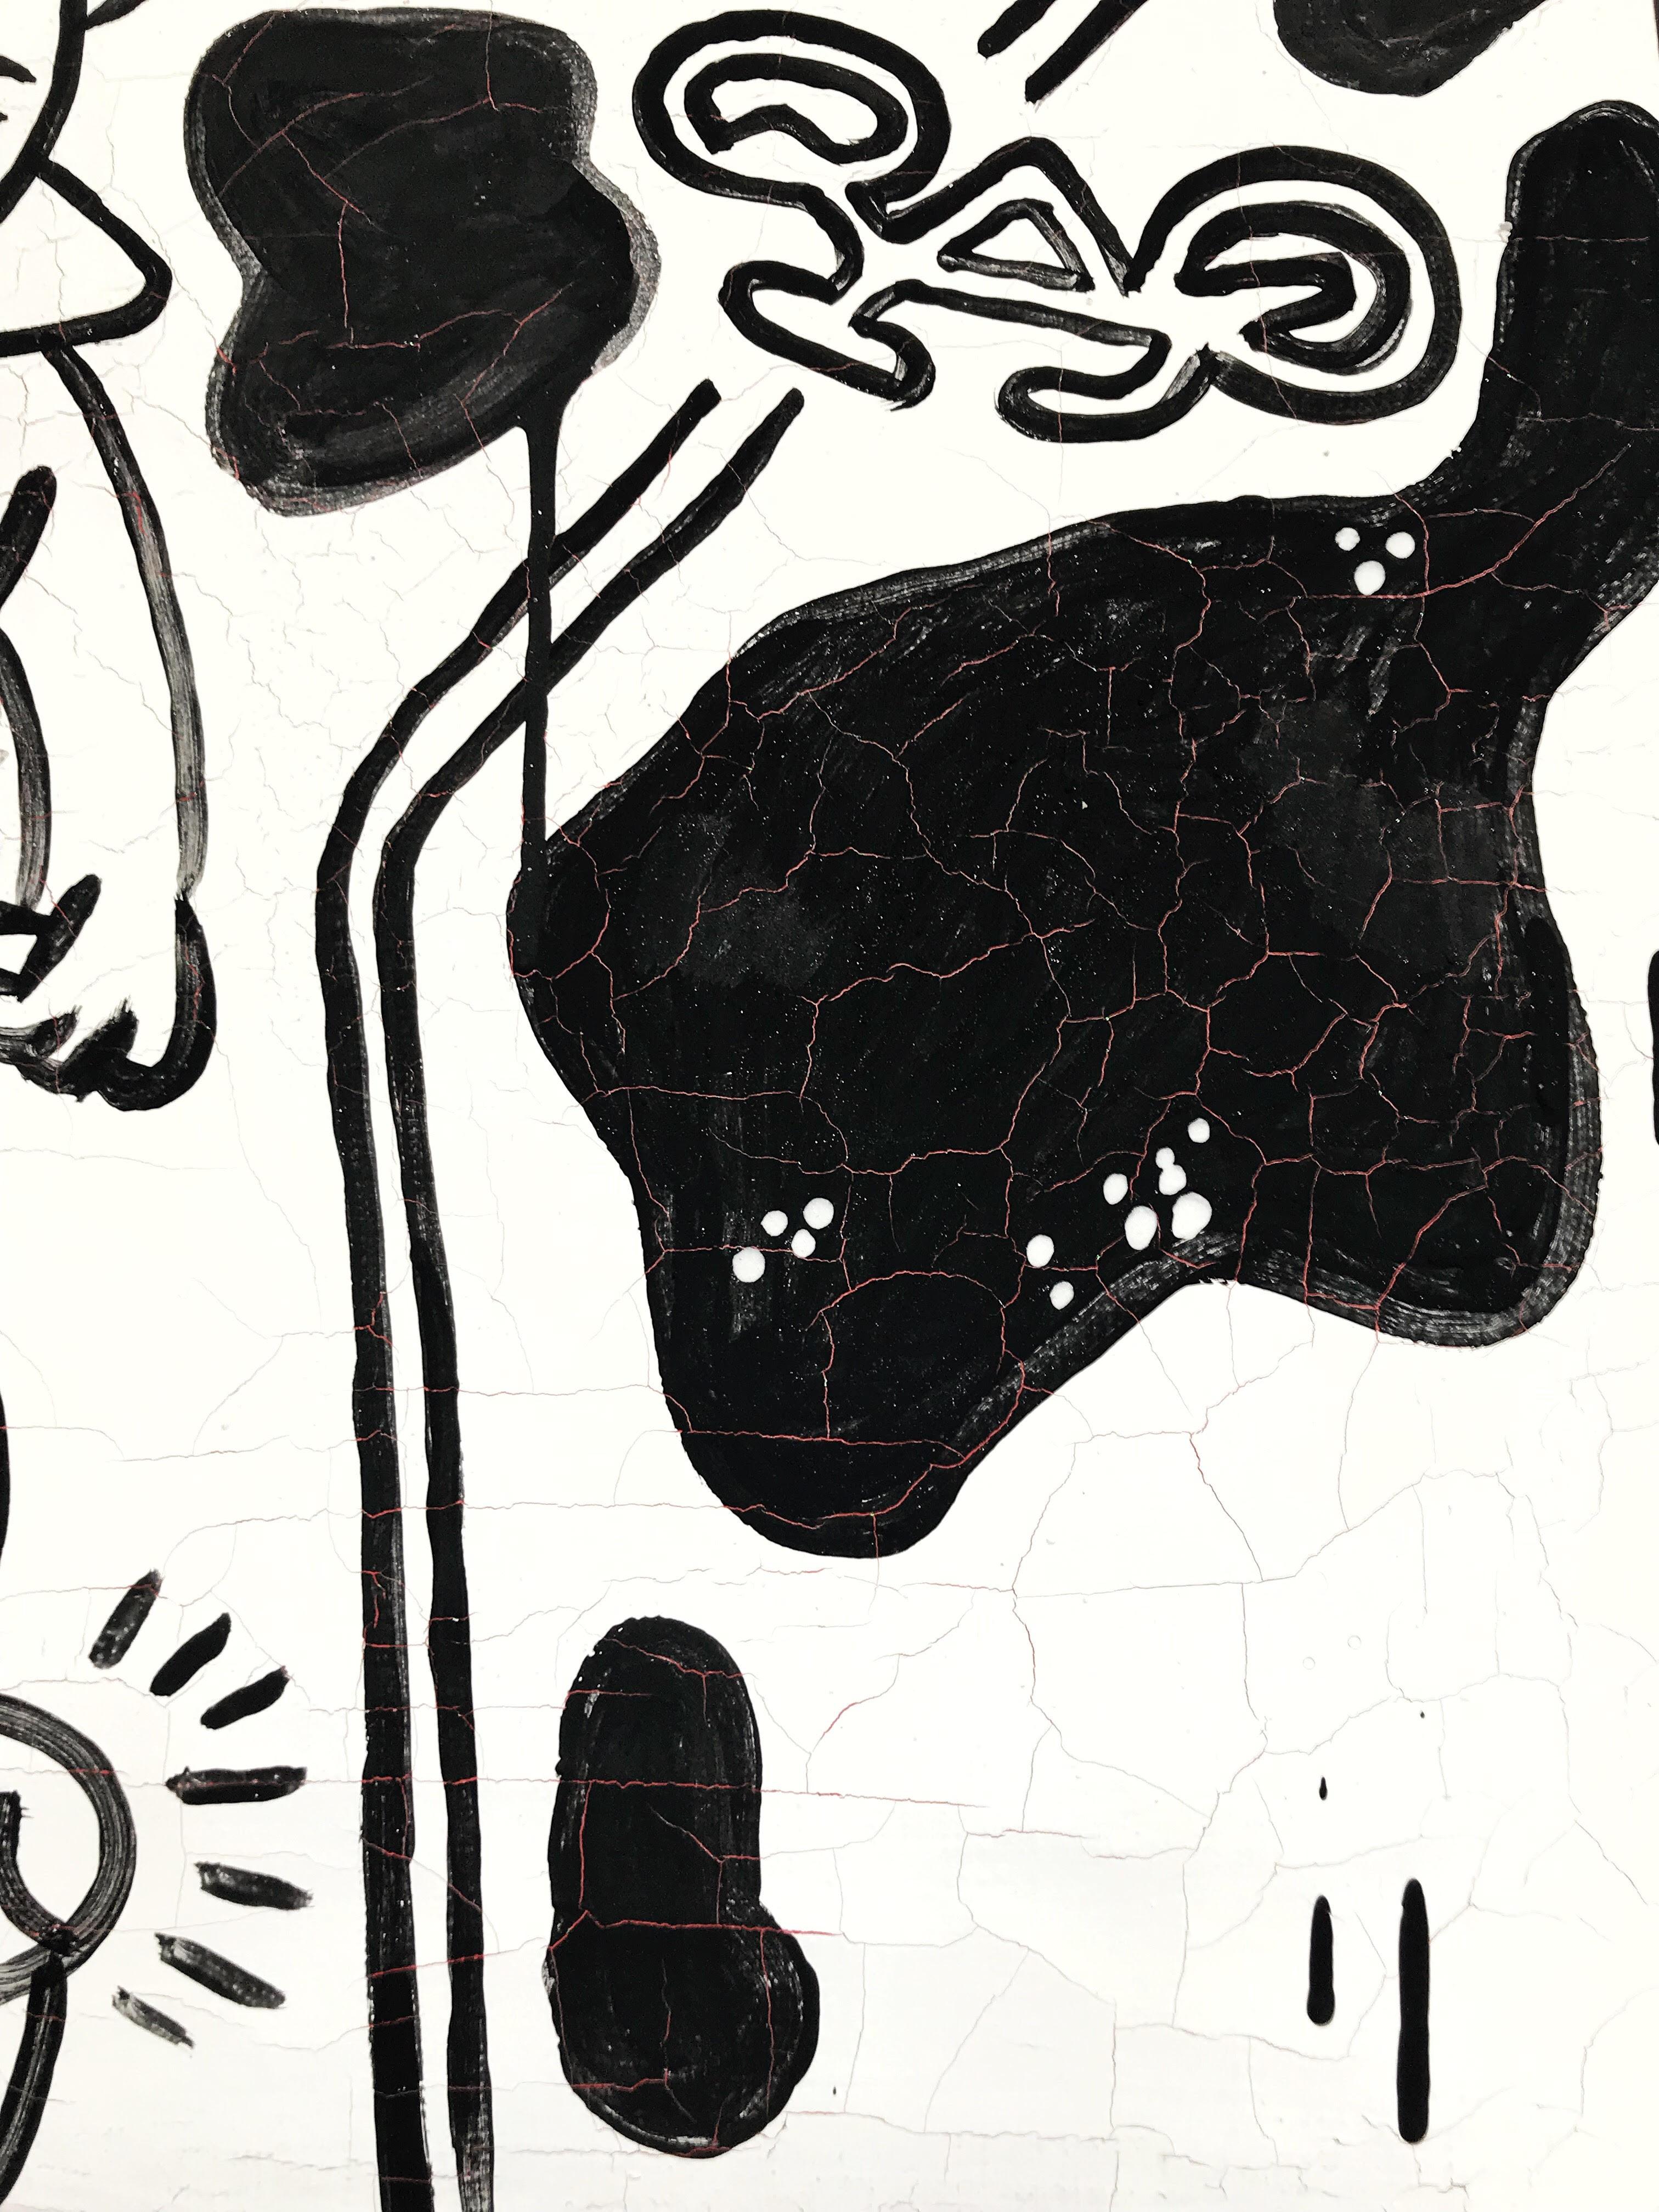 malerier, børnevenlige, illustrative, monokrome, pop, arkitektur, hverdagsliv, mennesker, transportmidler, sorte, hvide,  bomuldslærred, andre-medier, arkitektoniske, dansk, dekorative, design, huse, interiør, bolig-indretning, nordisk, skandinavisk, street-art, gader, Køb original kunst og kunstplakater. Malerier, tegninger, limited edition kunsttryk & plakater af dygtige kunstnere.